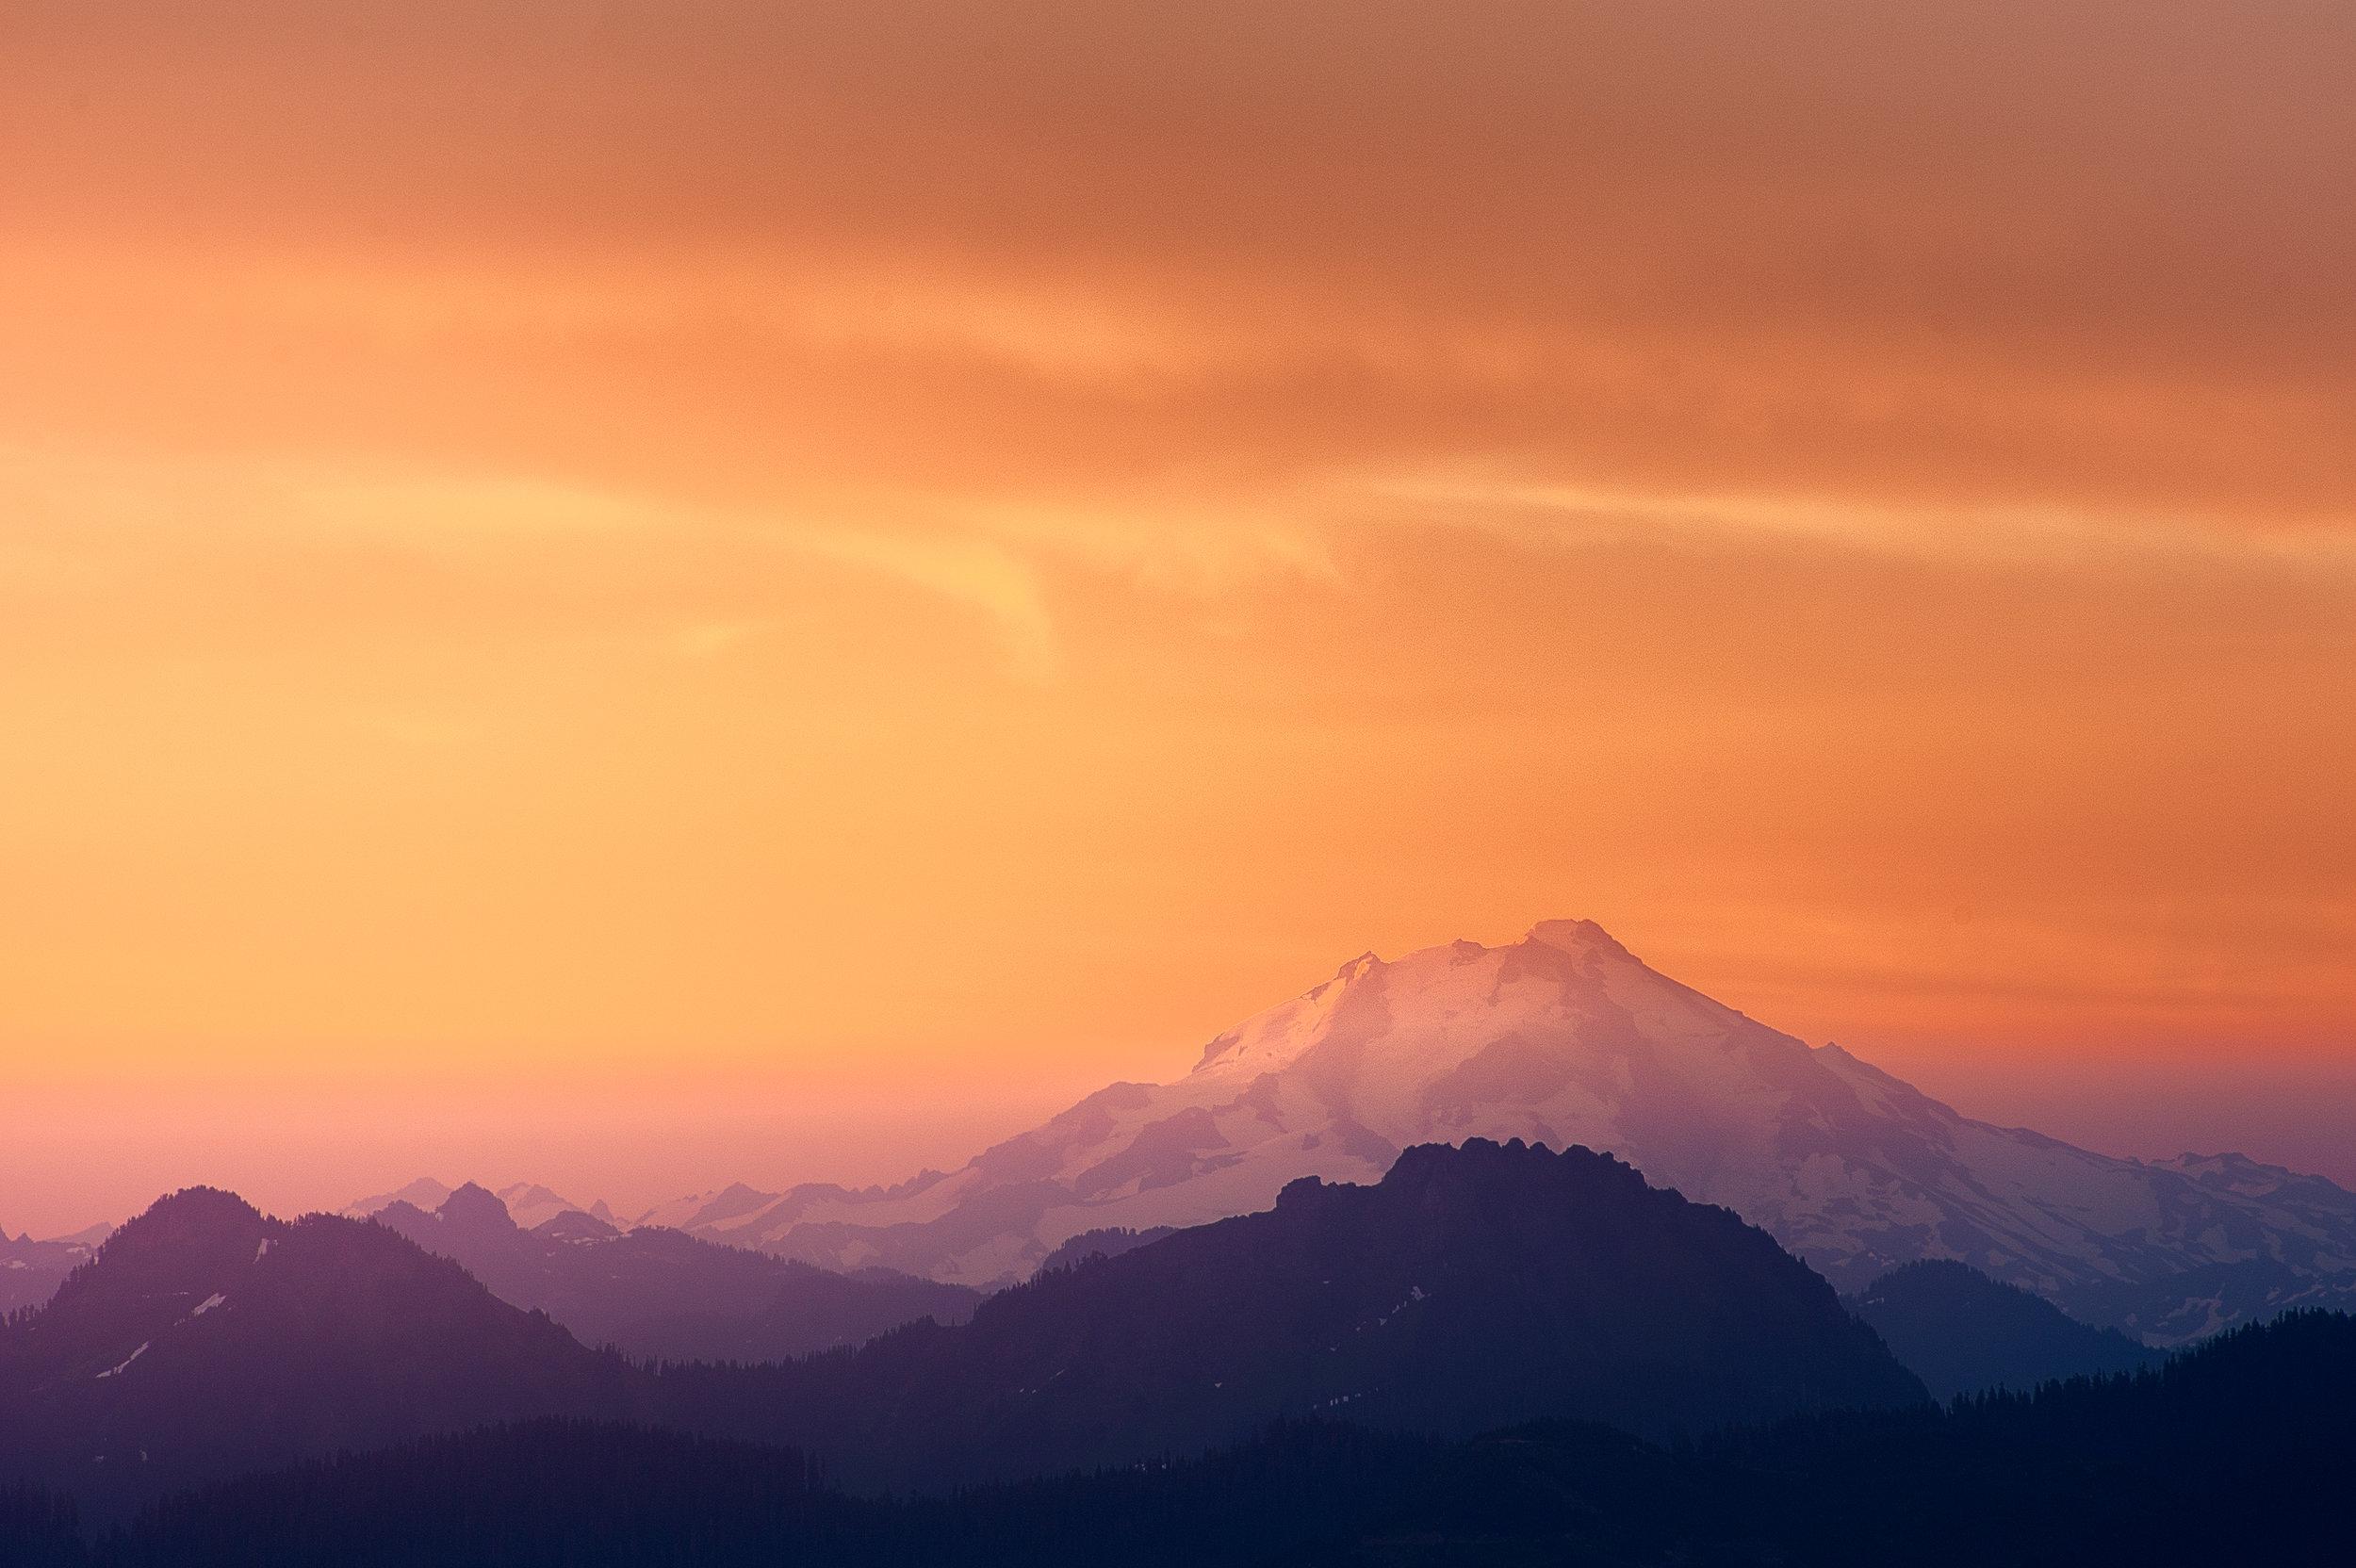 glacier_peak_3600px.jpg